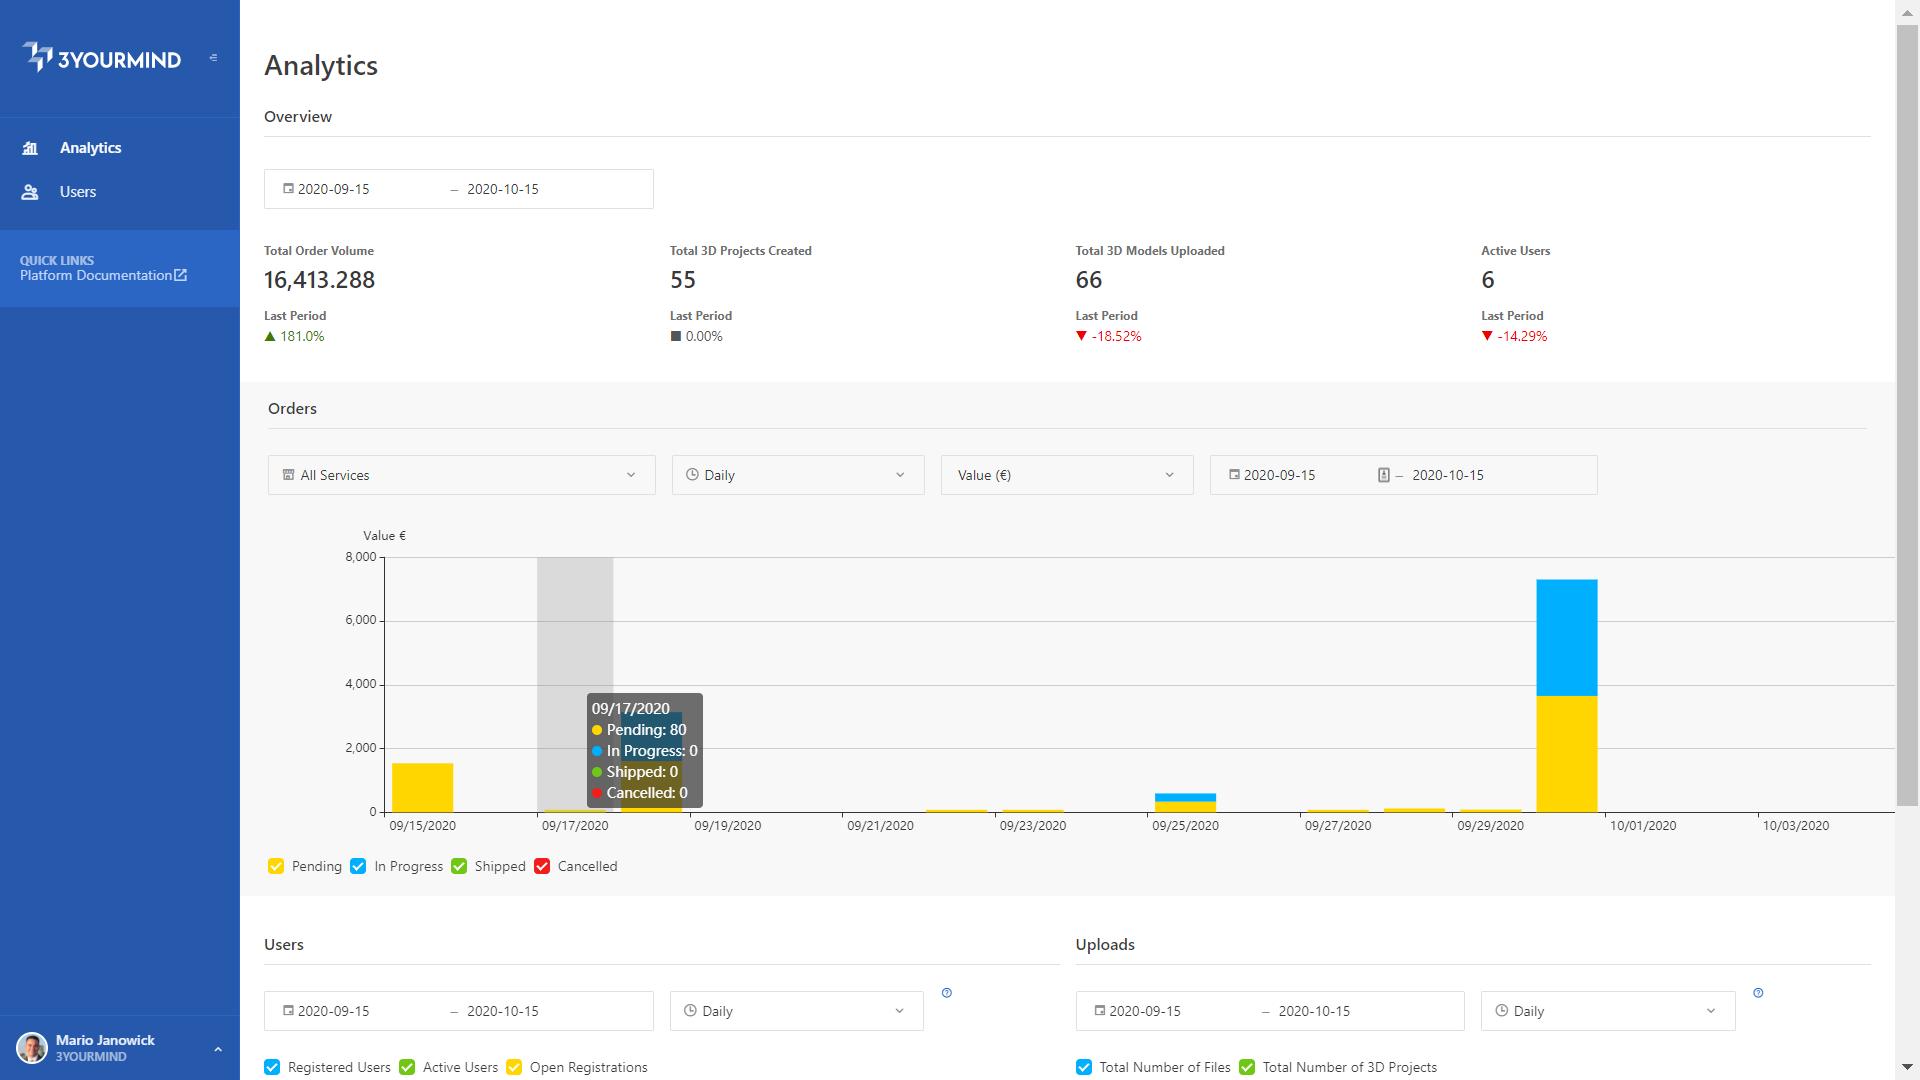 Le tableau de bord de la suite logicielle Agile Manufacturing de 3YOURMIND. Image via 3YOURMIND.